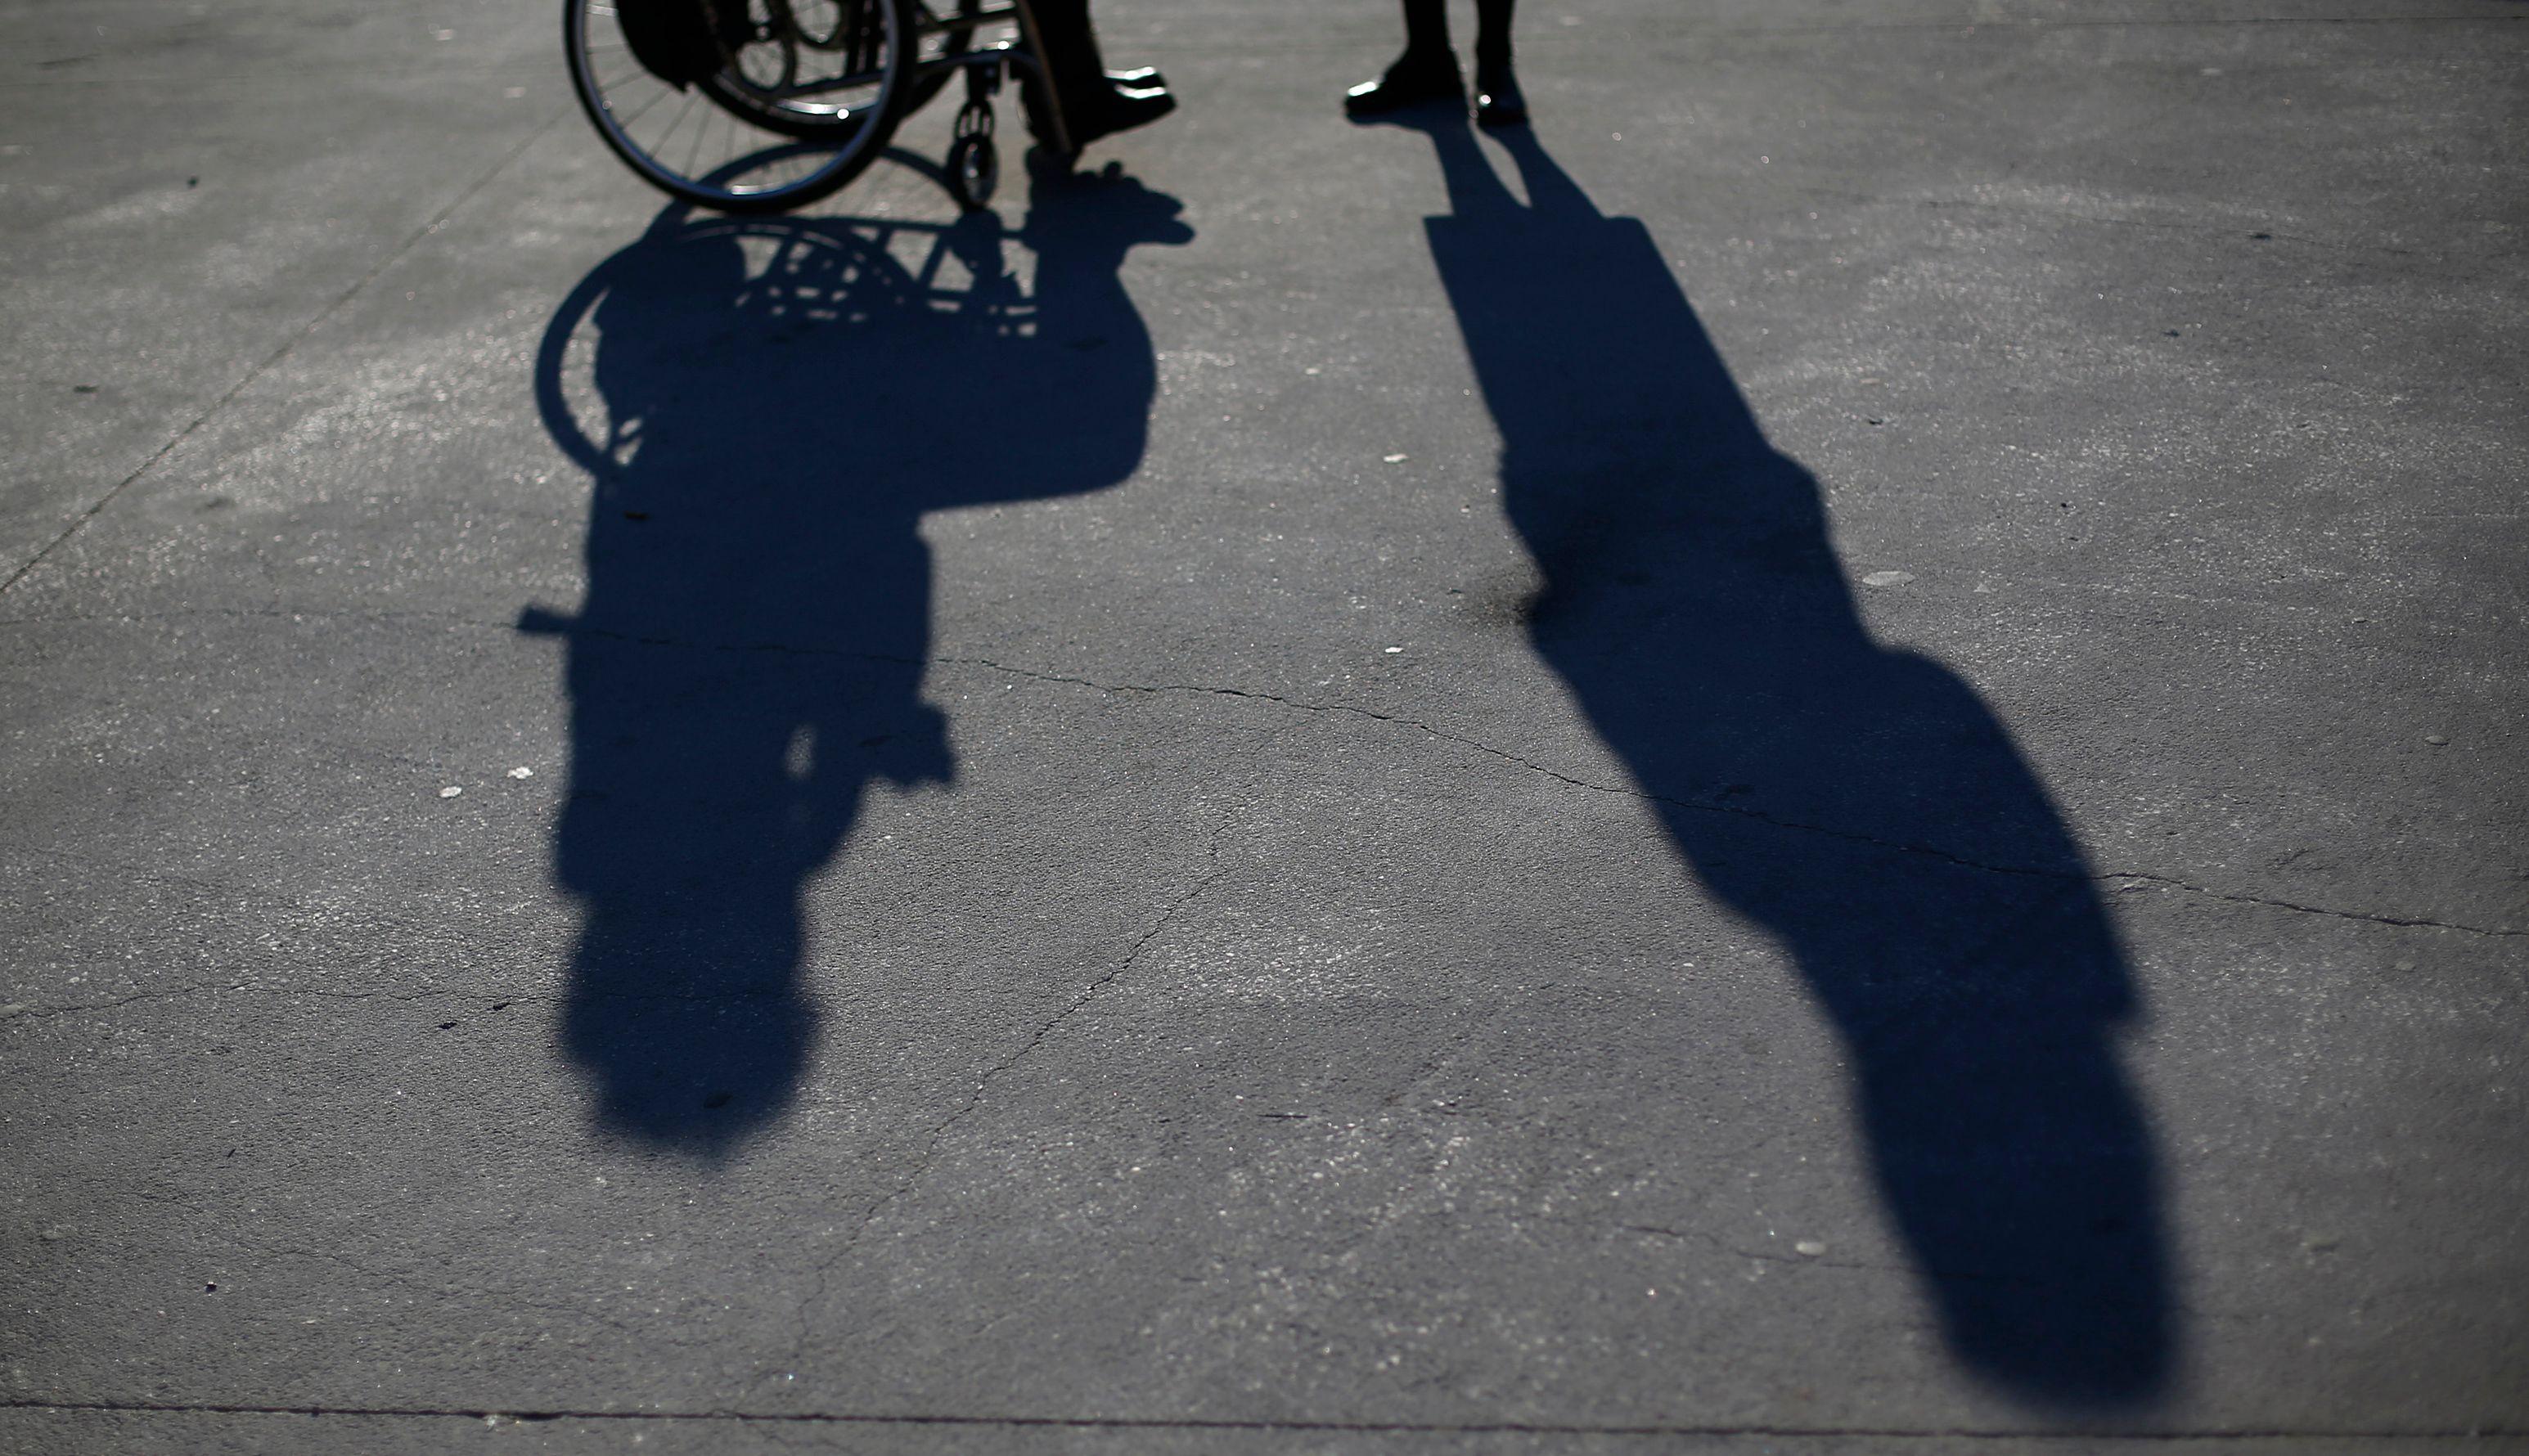 Le 2 juin prochain les Sénateurs examineront l'Ordonnance à l'accessibilité des établissements par les personnes handicapés.